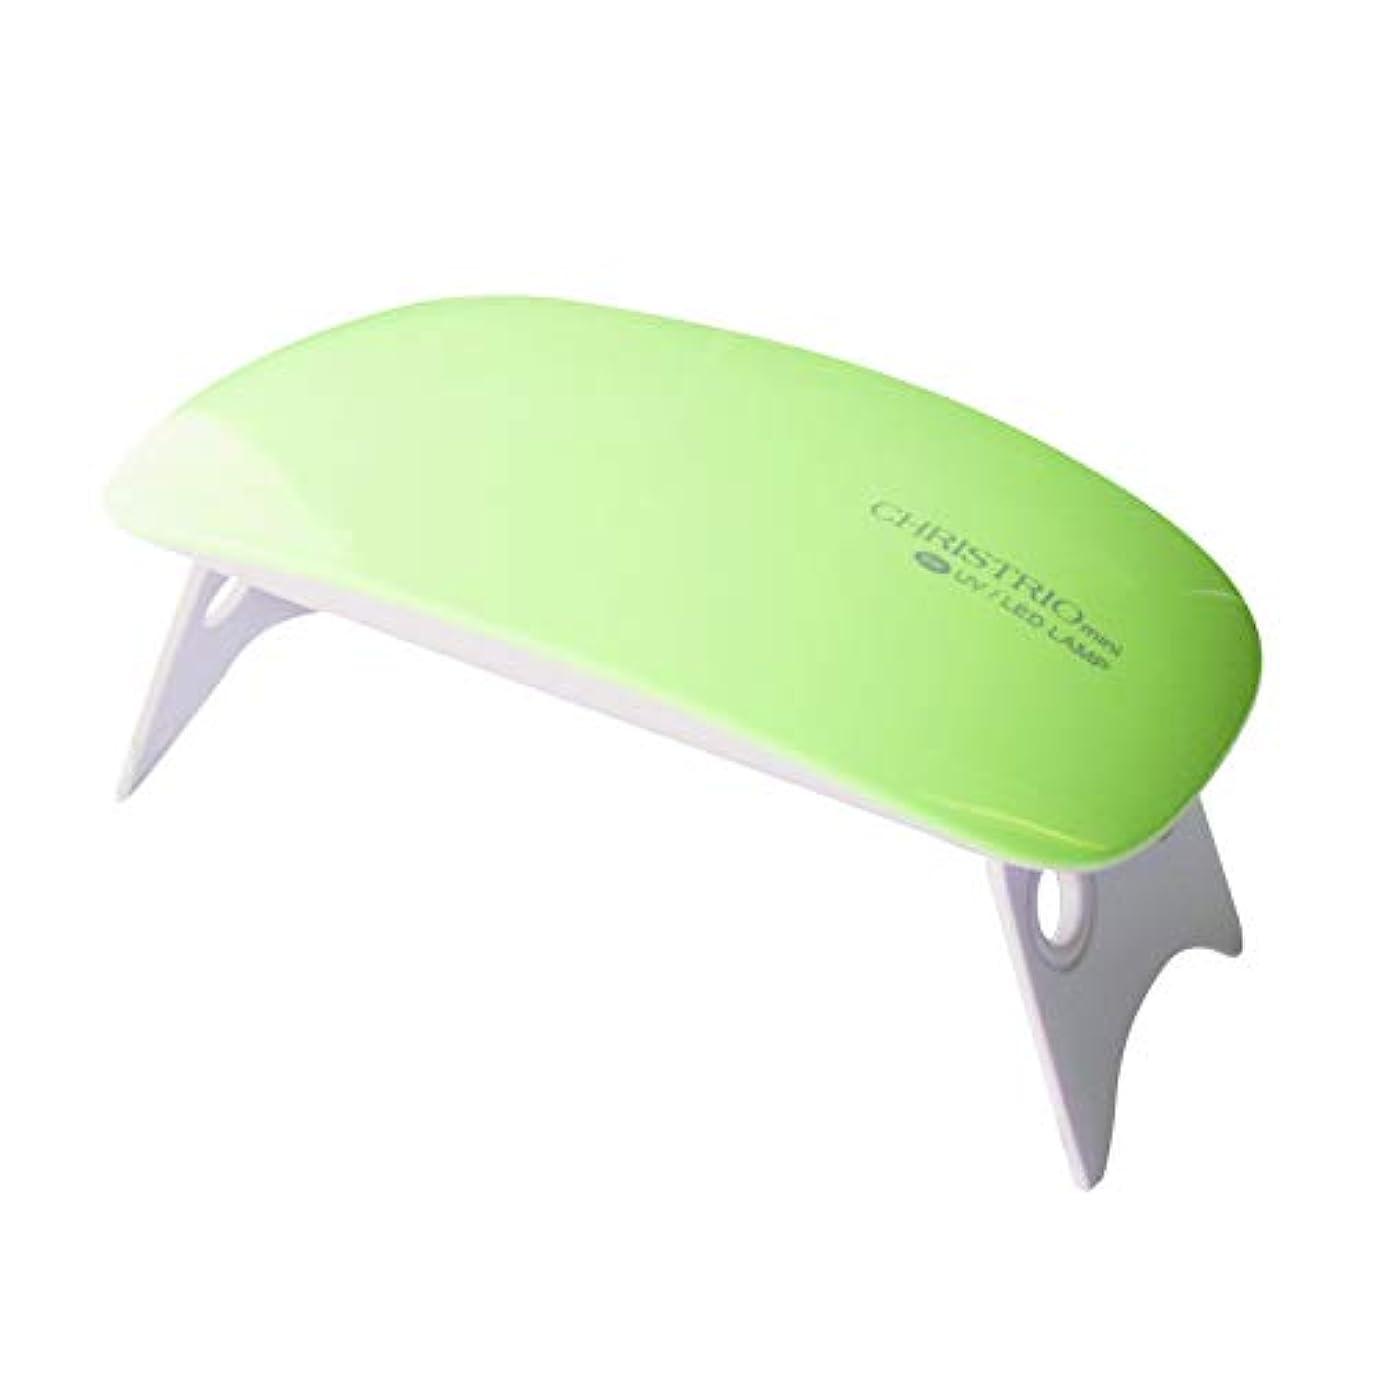 オークション前提条件ビクターCHRISTRIO 6W Mini LED/UVランプ グリーン